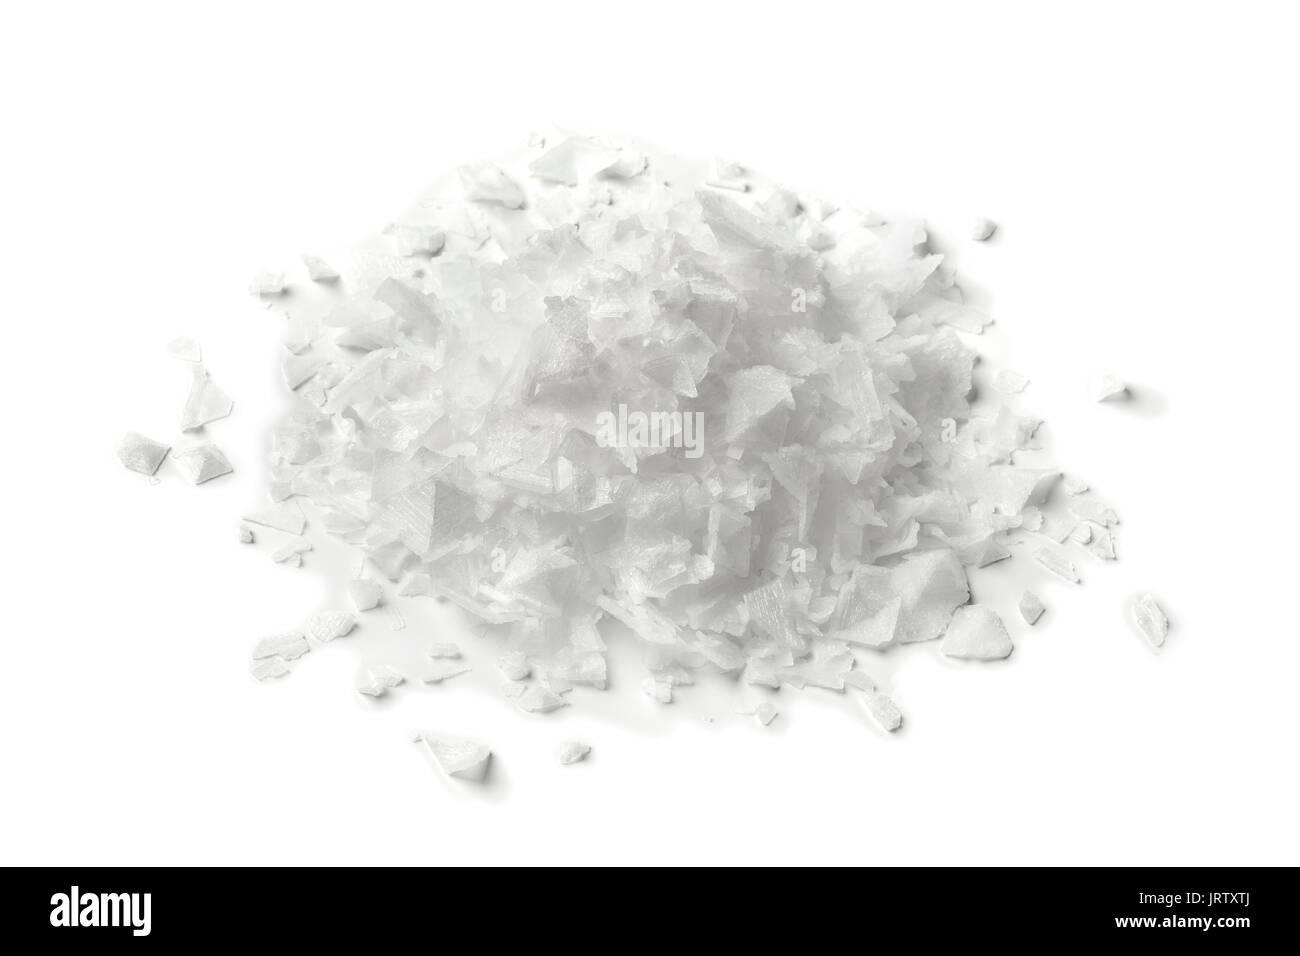 Montón de escamas de sal sobre fondo blanco. Imagen De Stock